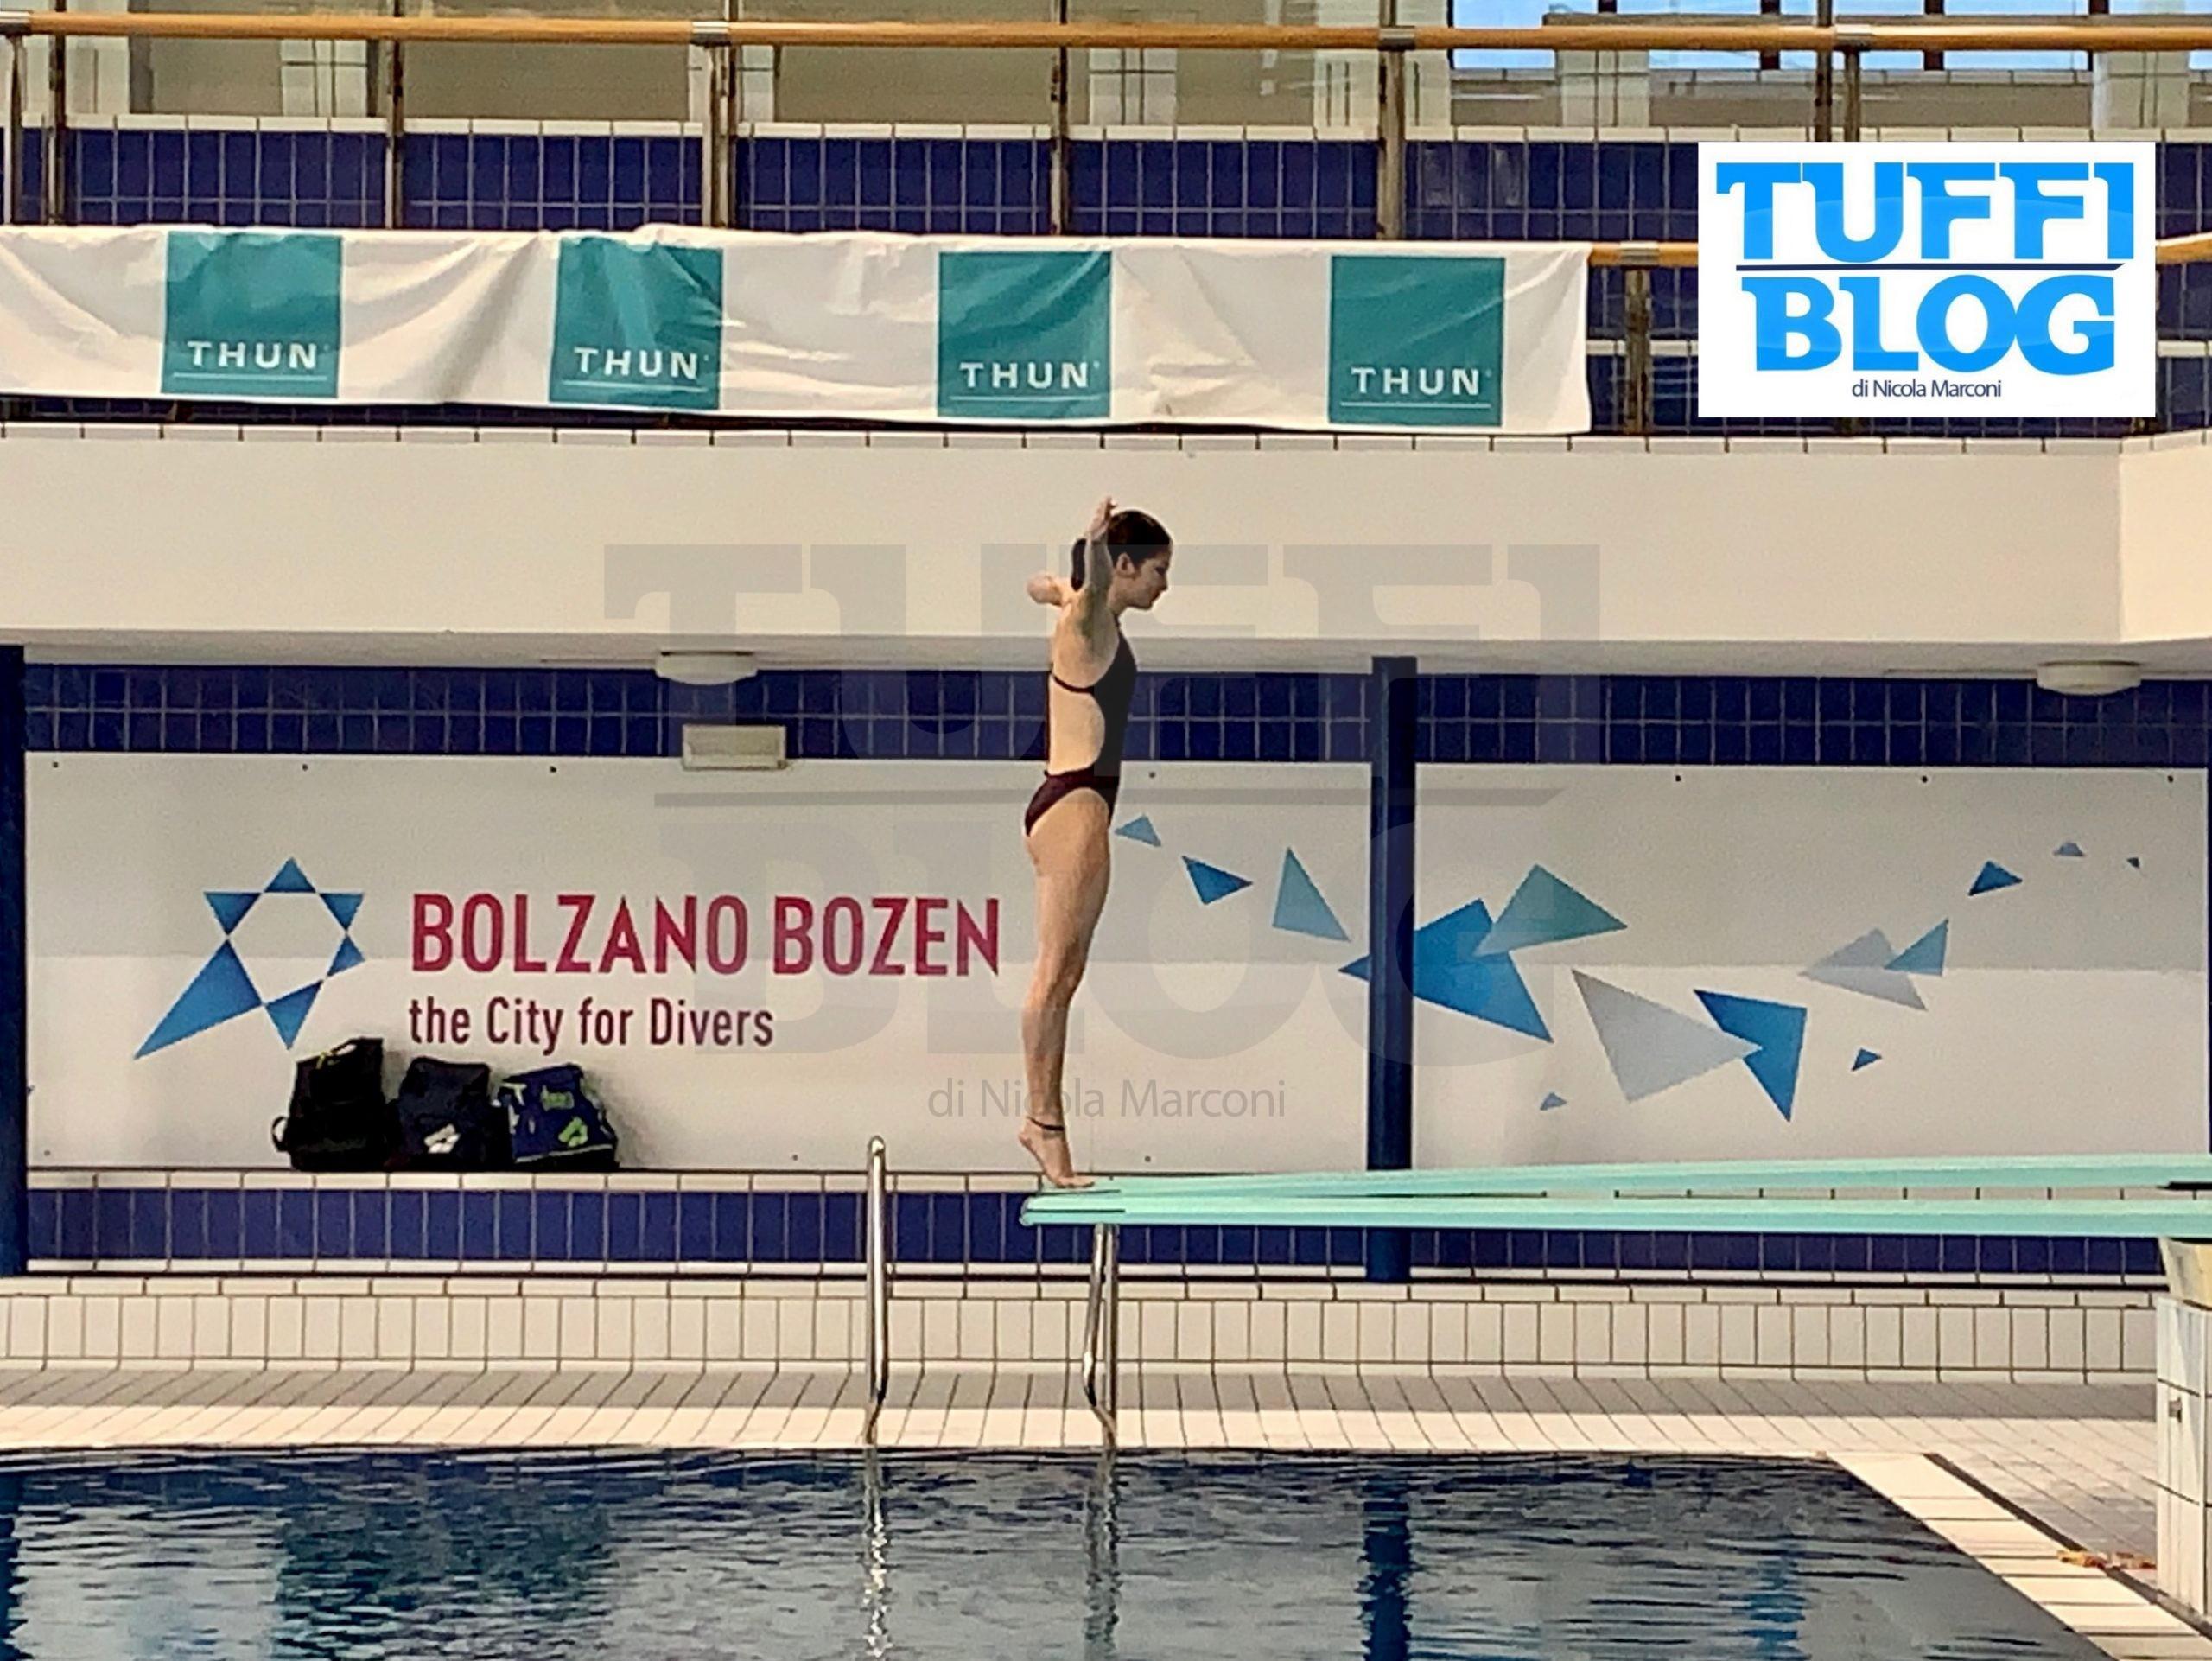 Trofeo di Natale: Bolzano - al via la stagione agonistica!